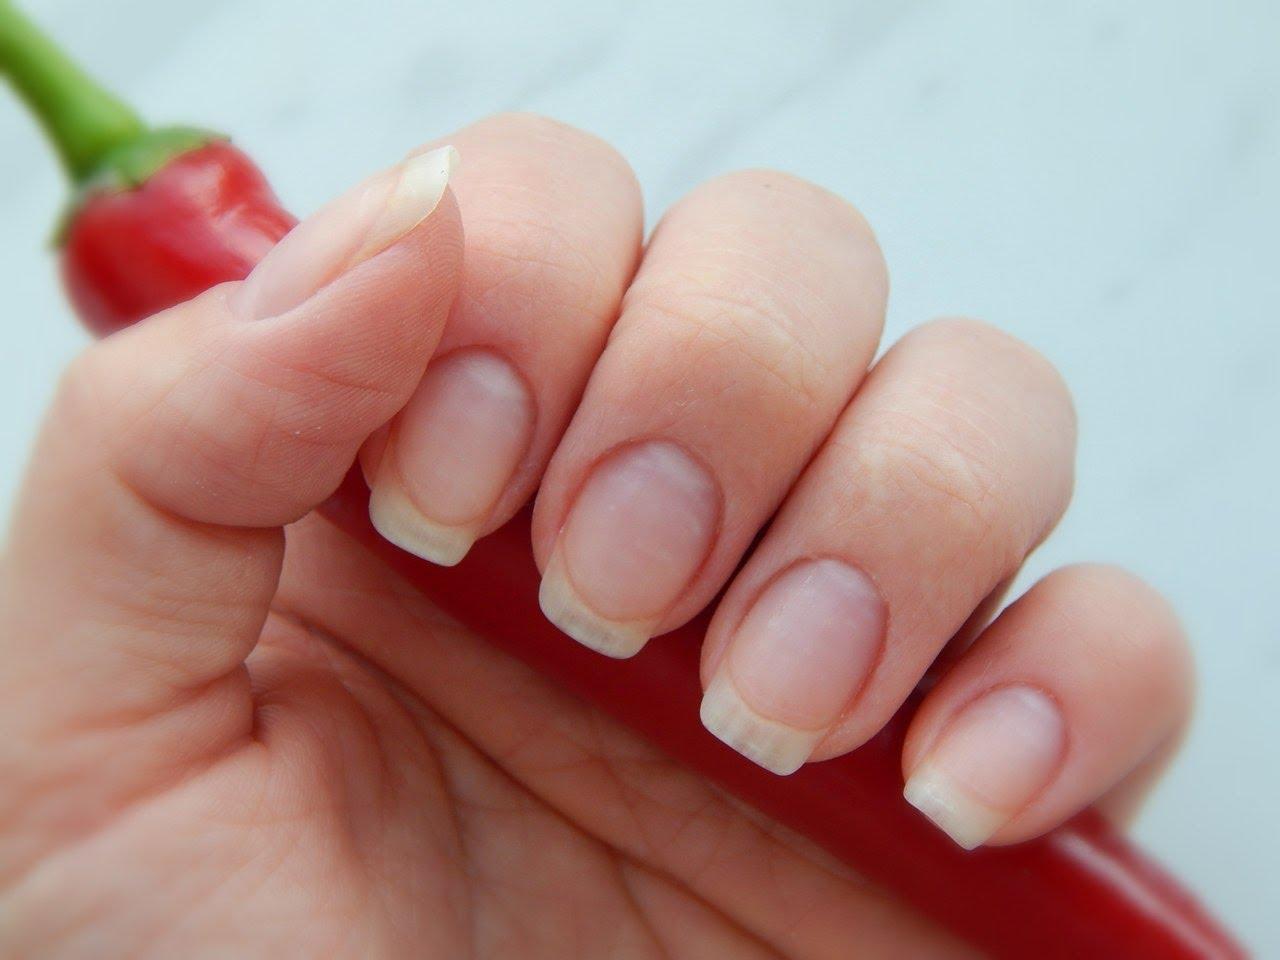 Как вырастить ногти в домашних условиях за 2 недели